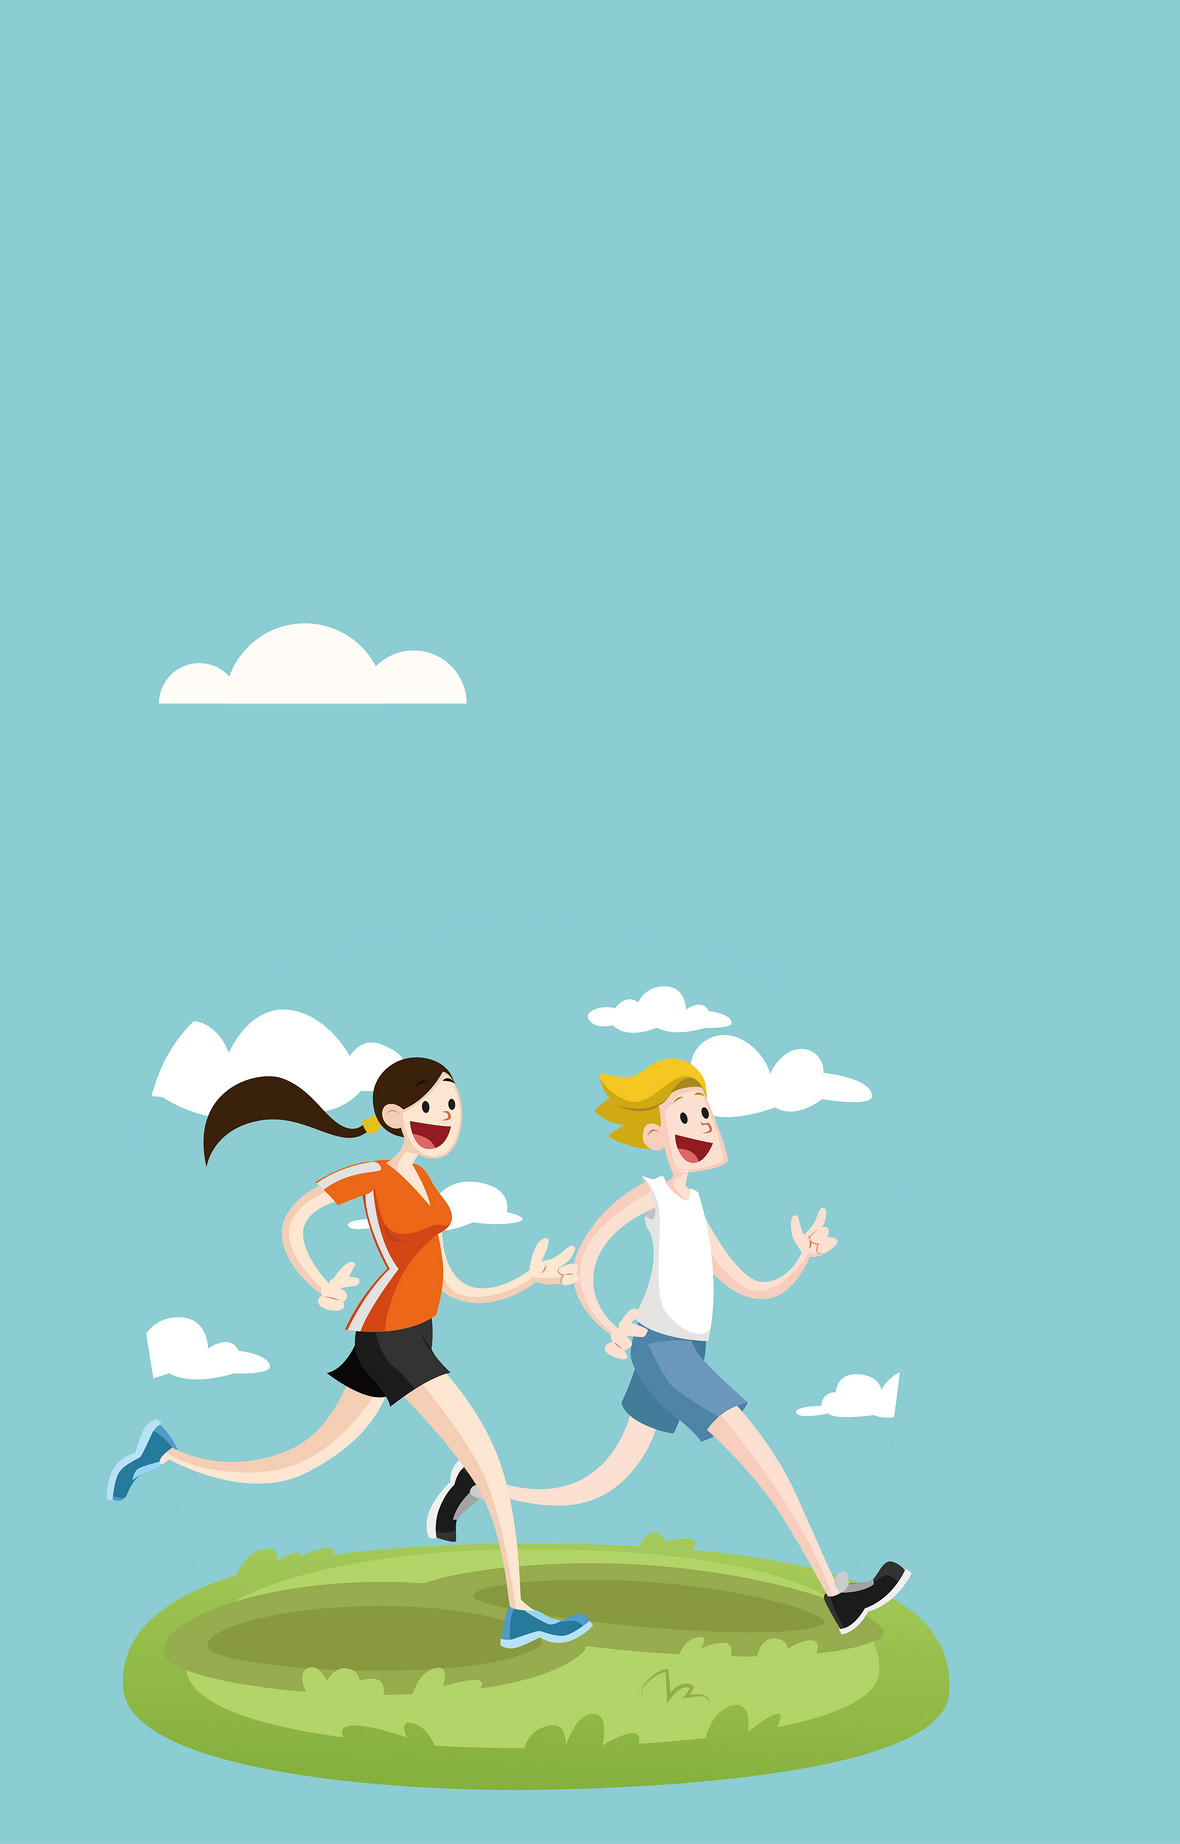 卡通人物健身跑步海报背景素材